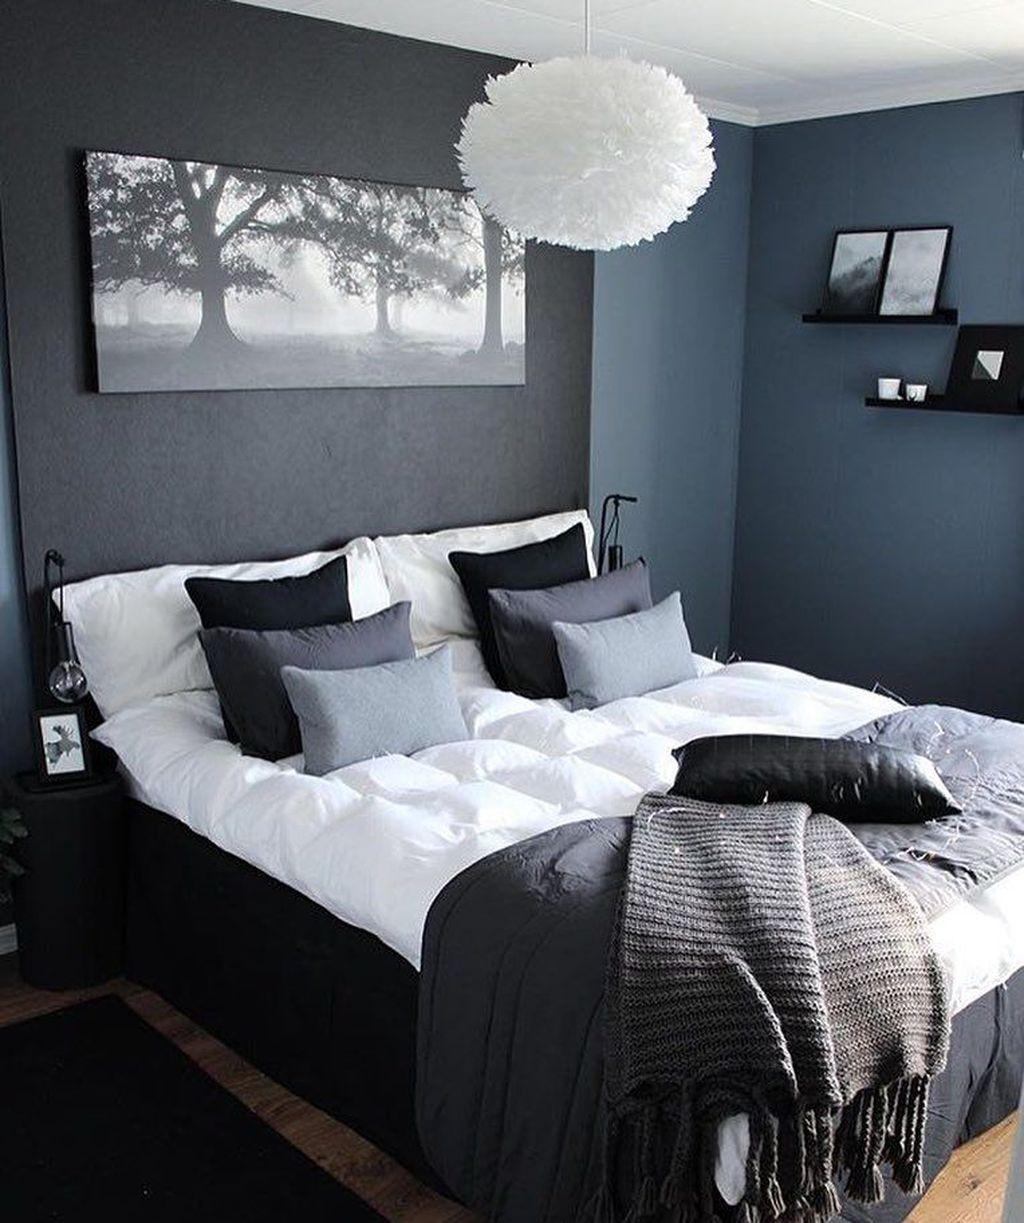 47 Brilliant Scandinavian Bedroom Design Ideas - home/decor #bedroomscandinavian